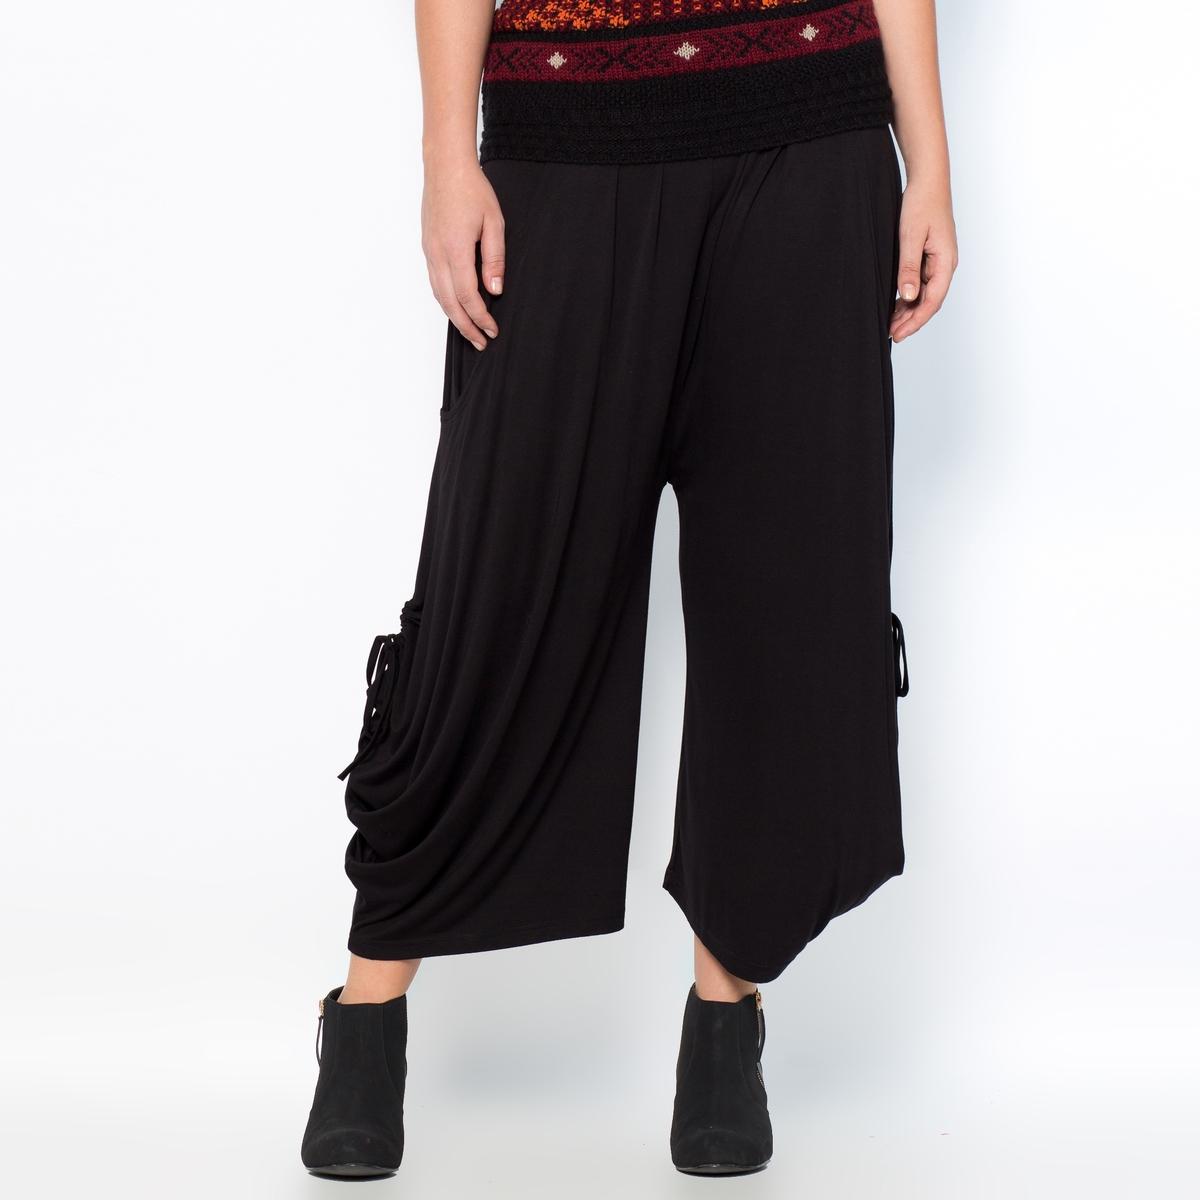 Юбка-брюкиЮбка-брюки. Стиль и женственность юбки объединяются с комфортом и удобством широких укороченных брюк - превосходное сочетание! Легко надевать, удобно носить ! Асимметричный низ благодаря завязкам по бокам. Трикотаж, 95% вискозы, 5% эластана. Длина по внутр.шву 43 см, ширина по низу 31 см.<br><br>Цвет: черный<br>Размер: 52 (FR) - 58 (RUS)